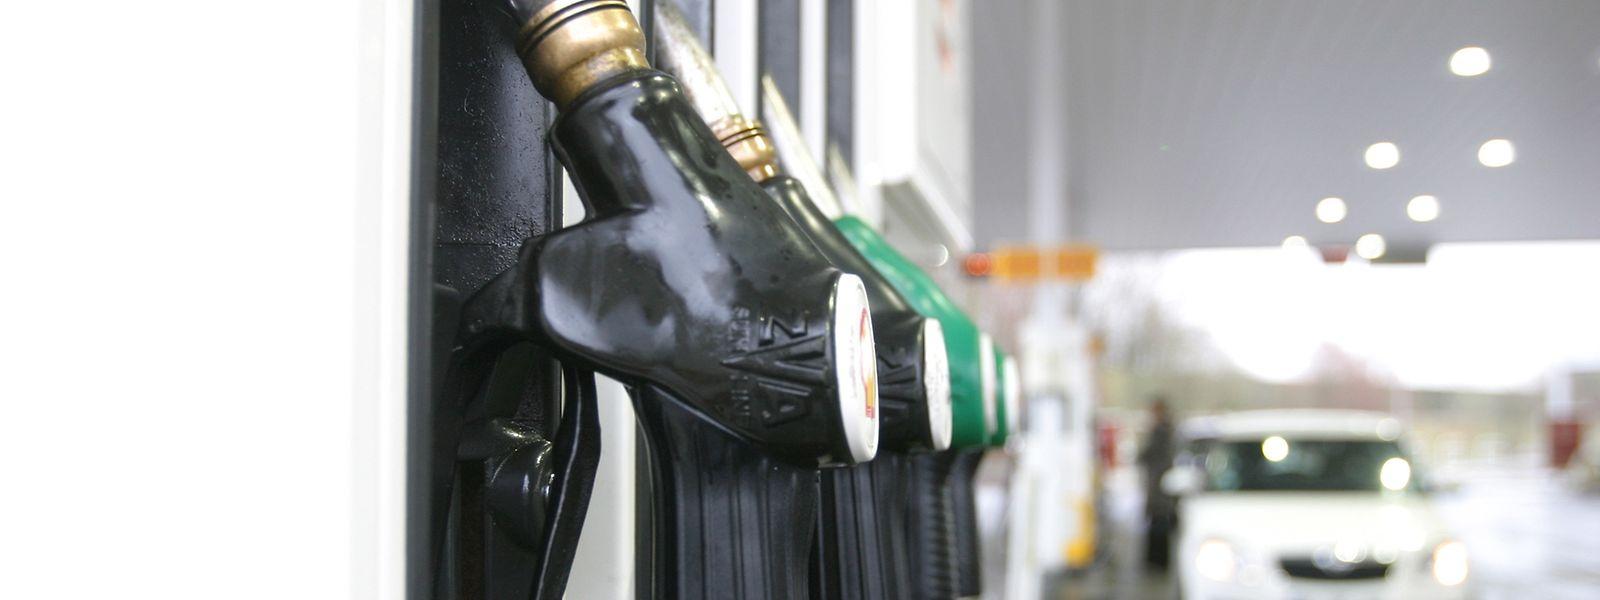 Le litre de diesel coûtera 0,951 euro dès ce jeudi minuit.